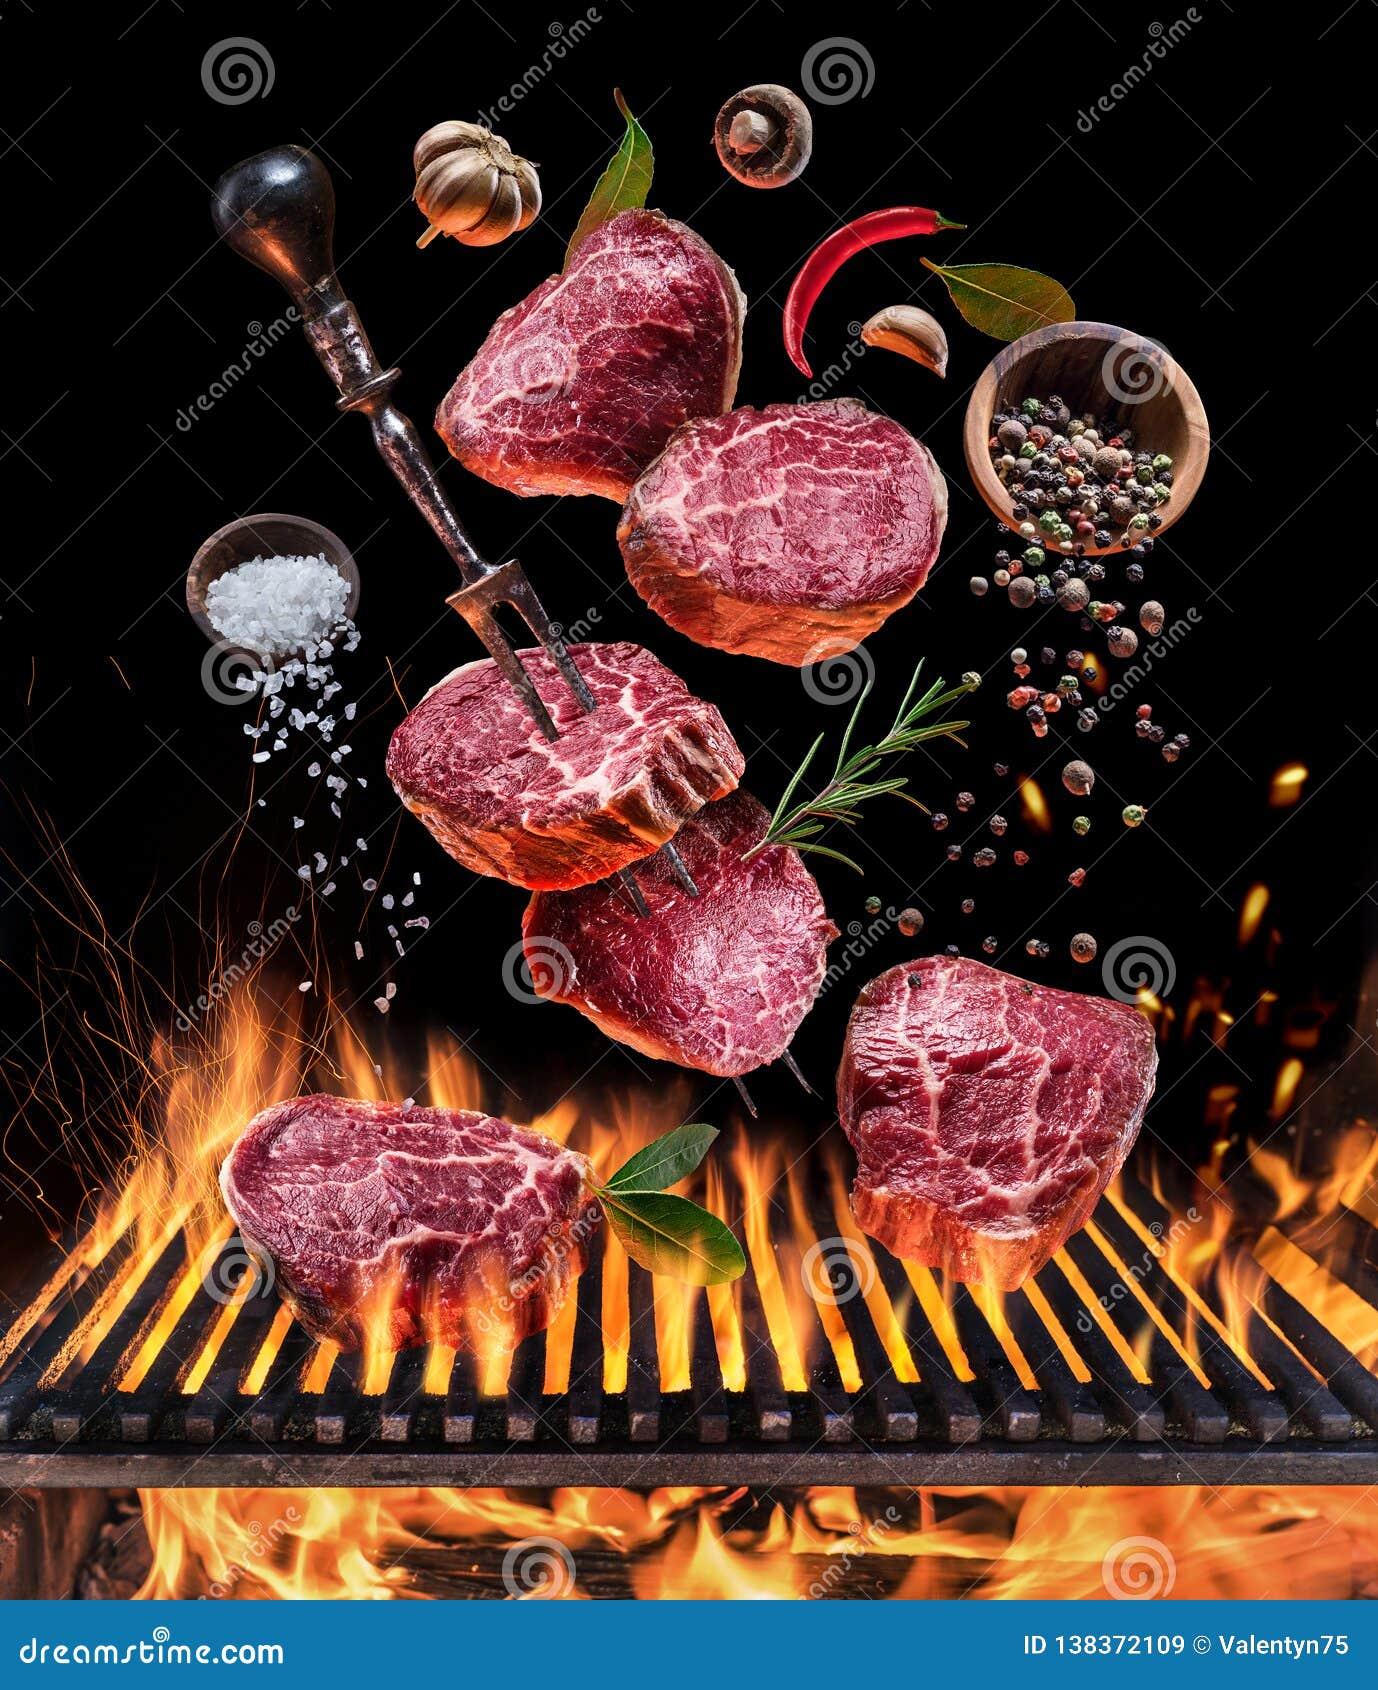 El cocinar del filete Cuadro conceptual Filete con las especias y los cubiertos debajo de la rejilla ardiendo de la parrilla